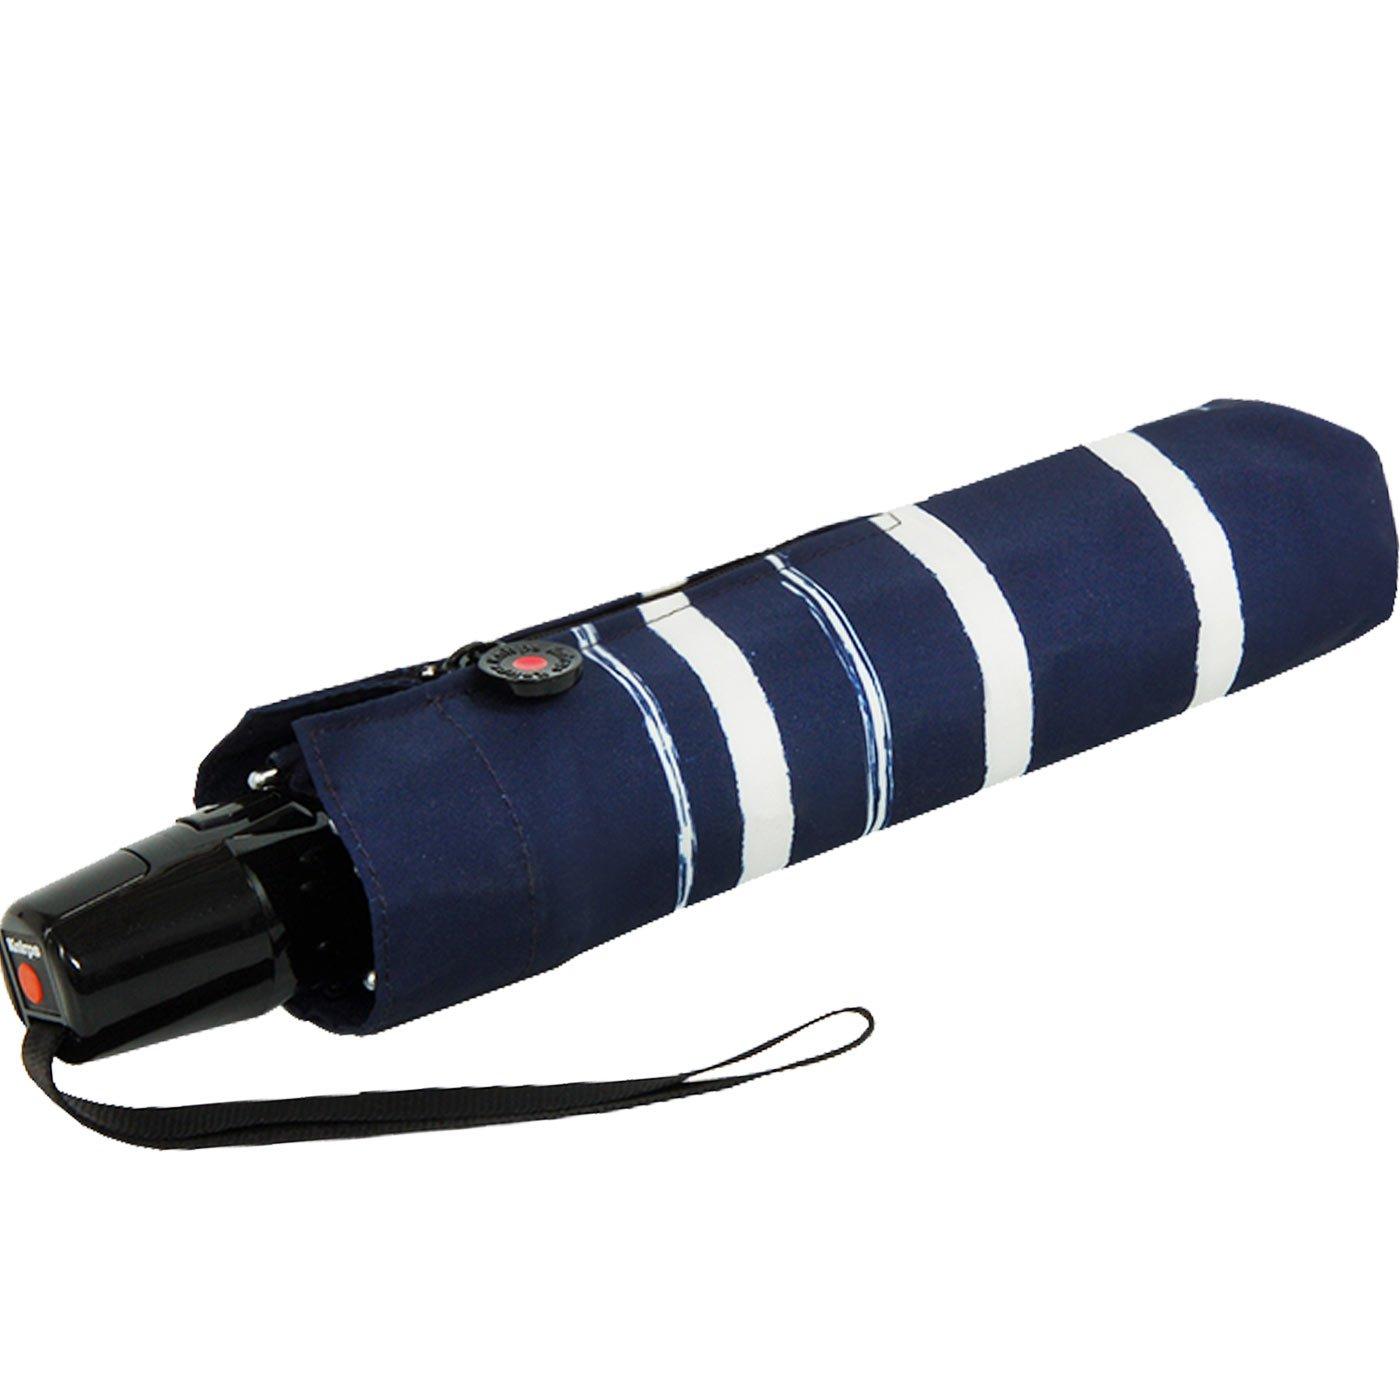 Knirps Fiber T2 Duomatic Stripe Art Navy 89878-4964